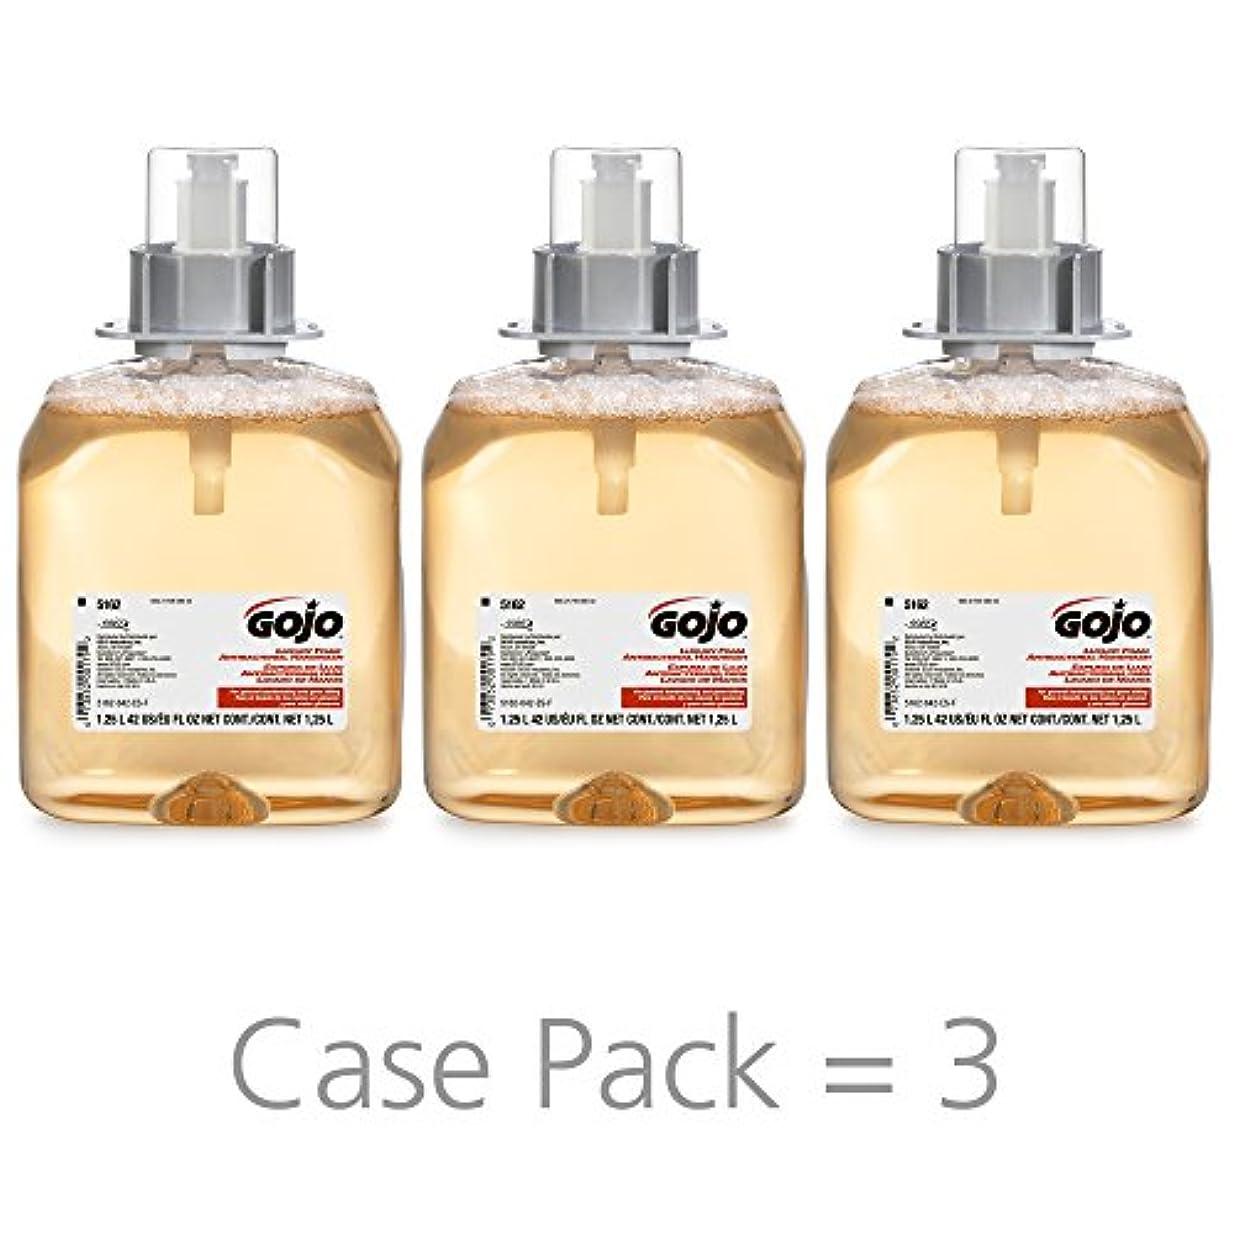 しないでください許すトランザクションGOJO 516203CT FMX-12 Foam Hand Wash, Fresh Fruit, FMX-12 Dispenser, 1250mL Pump, 3/Carton by Gojo